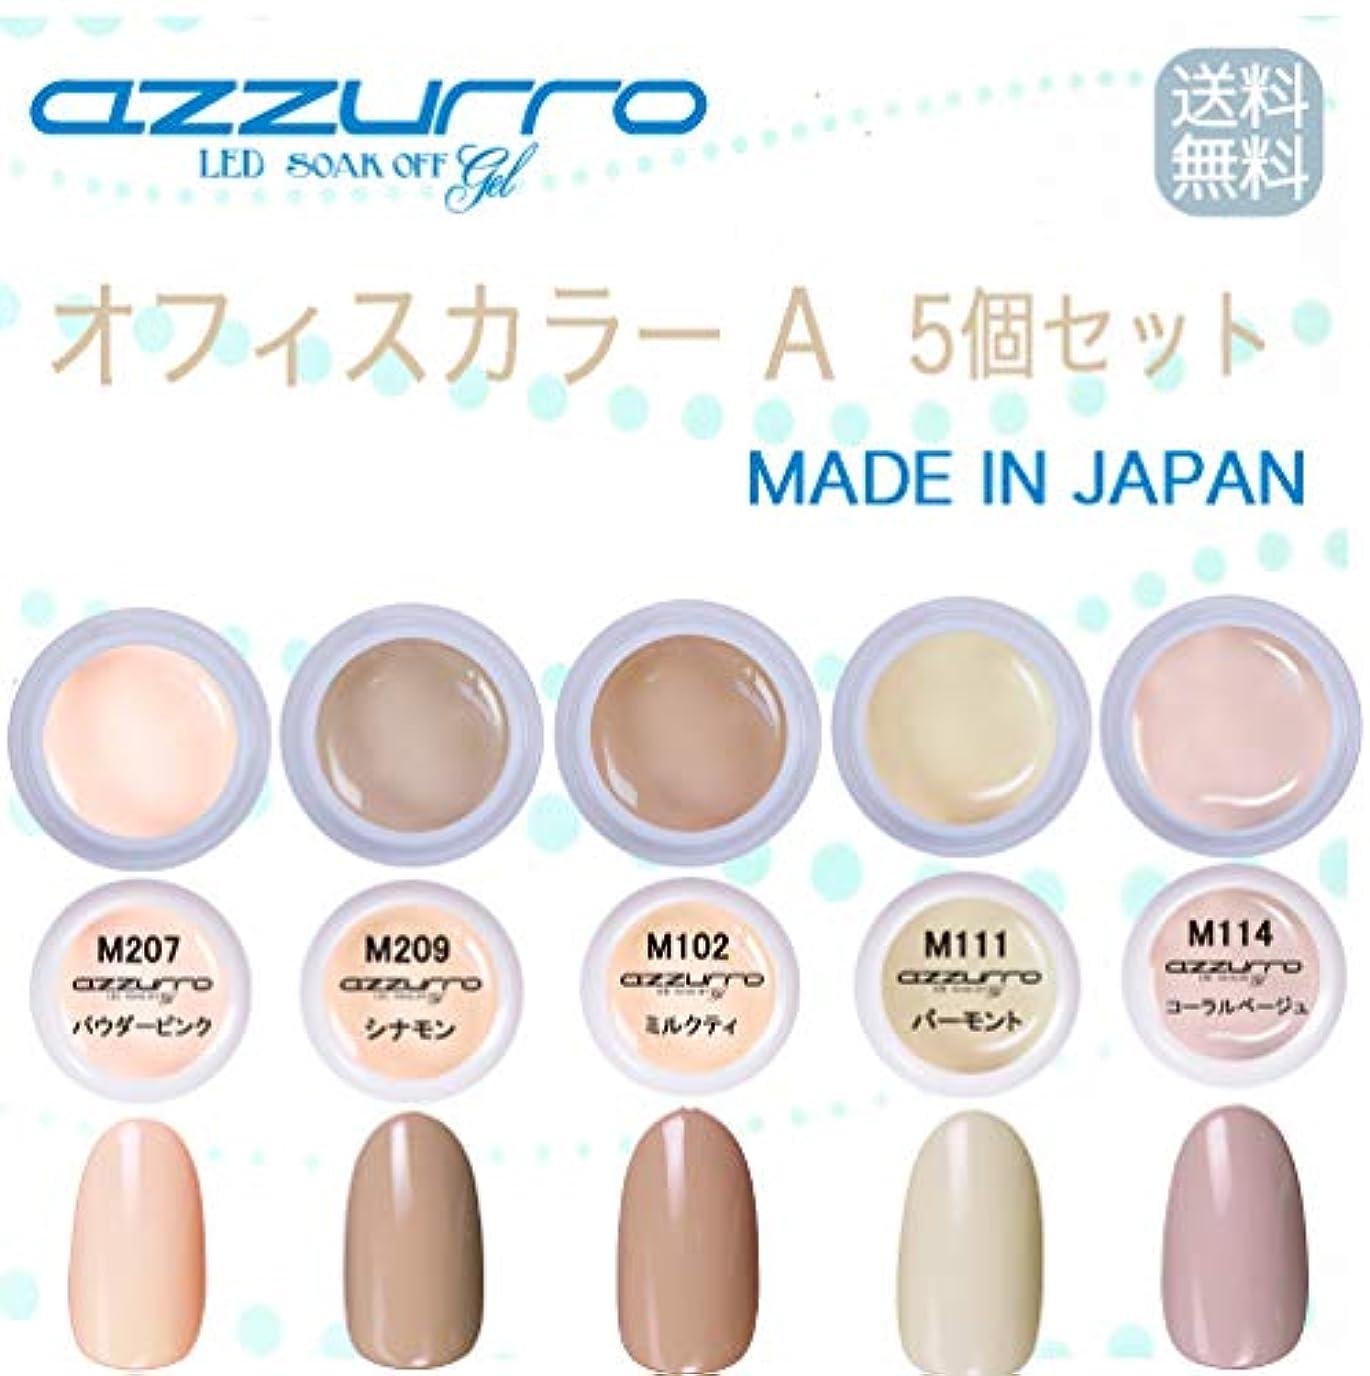 パシフィックアンドリューハリディ純正【送料無料】日本製 azzurro gel オフィスカラージェルA5個セット オフィスでも人気のカラーをセット